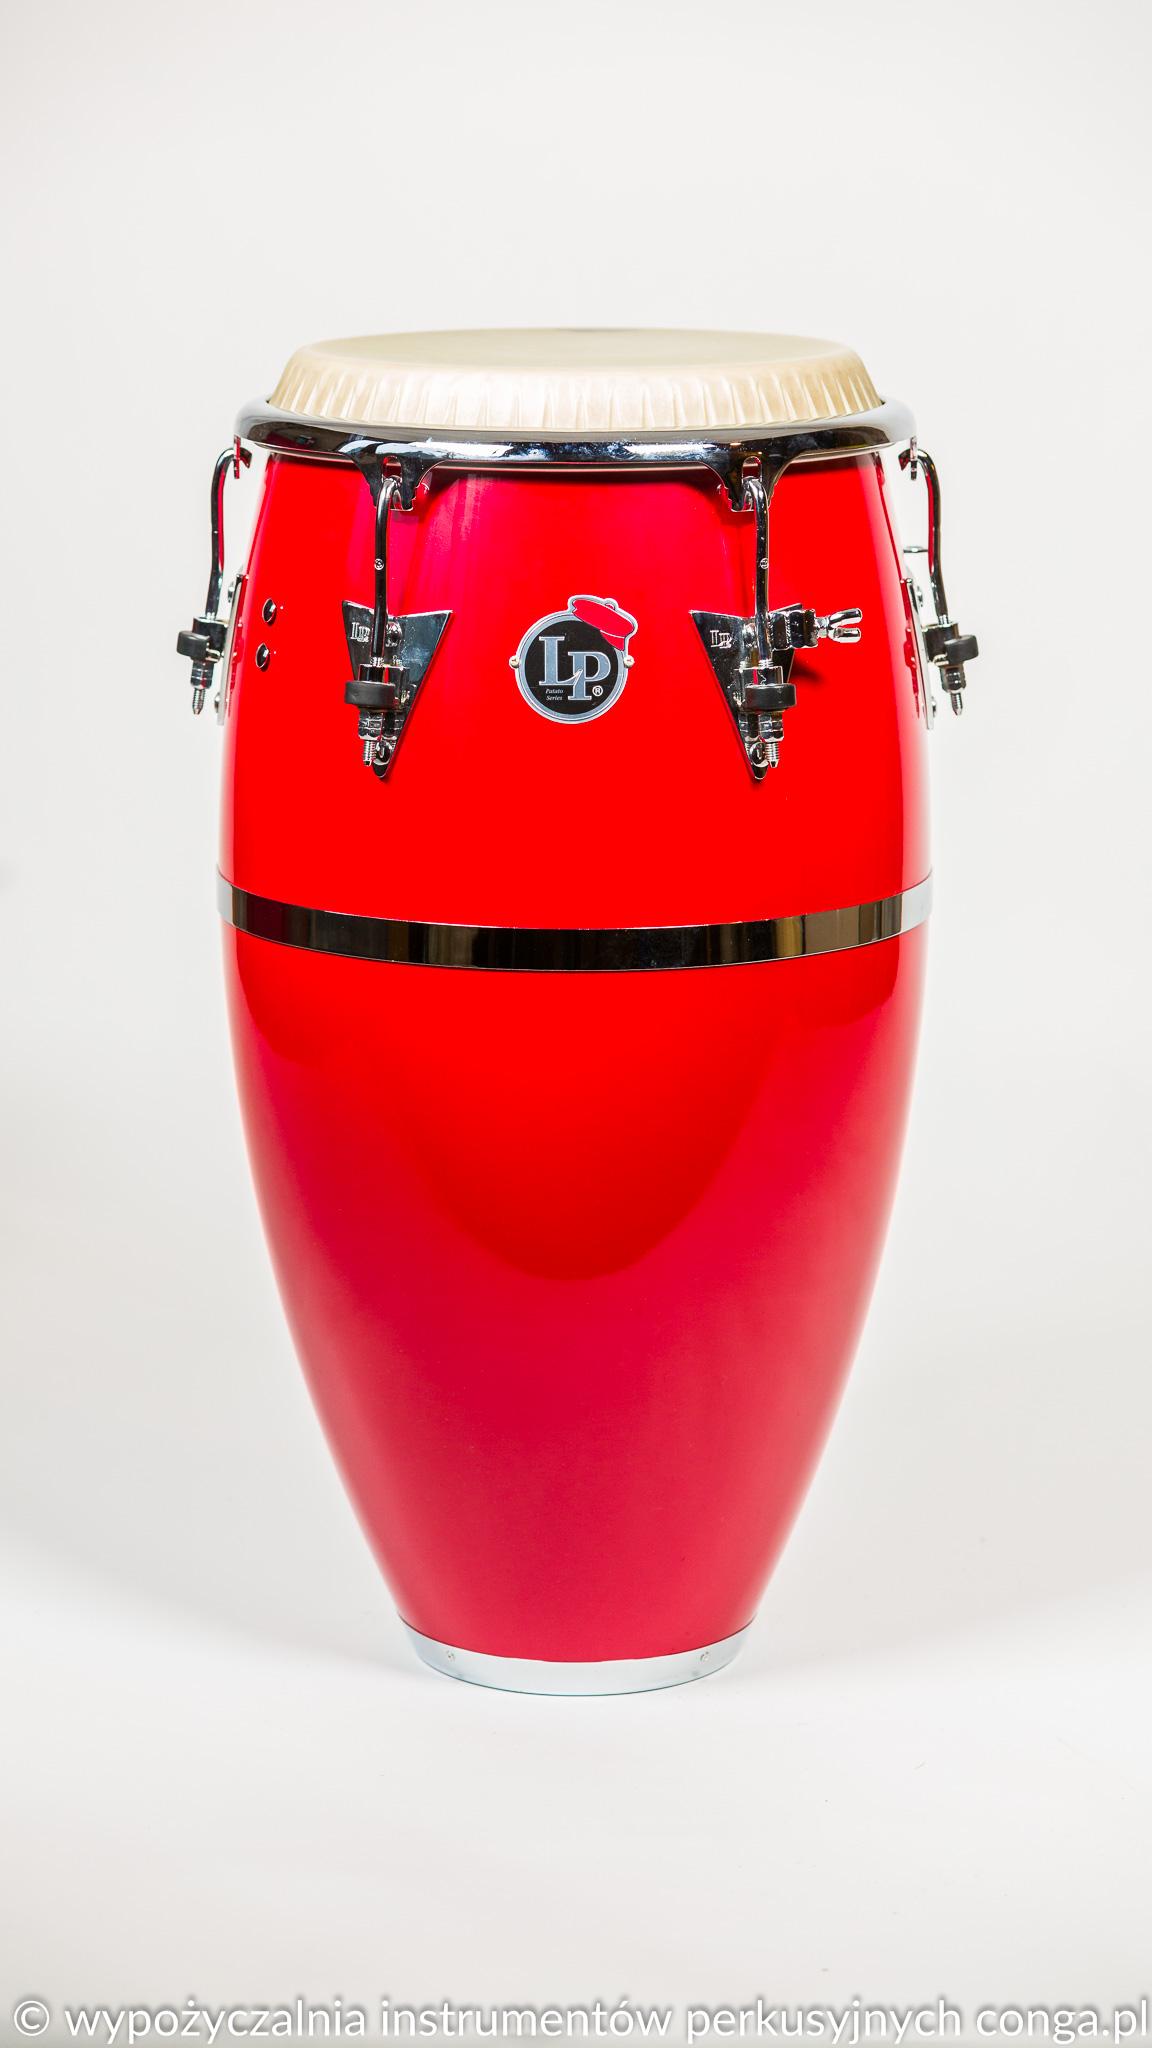 LP552X--PATATO-SIGNATURE-FIBRGLASS-TUMBA--Wypożyczalnia-instrumentów-perkusyjnych--CONGA.PL-0265.jpg